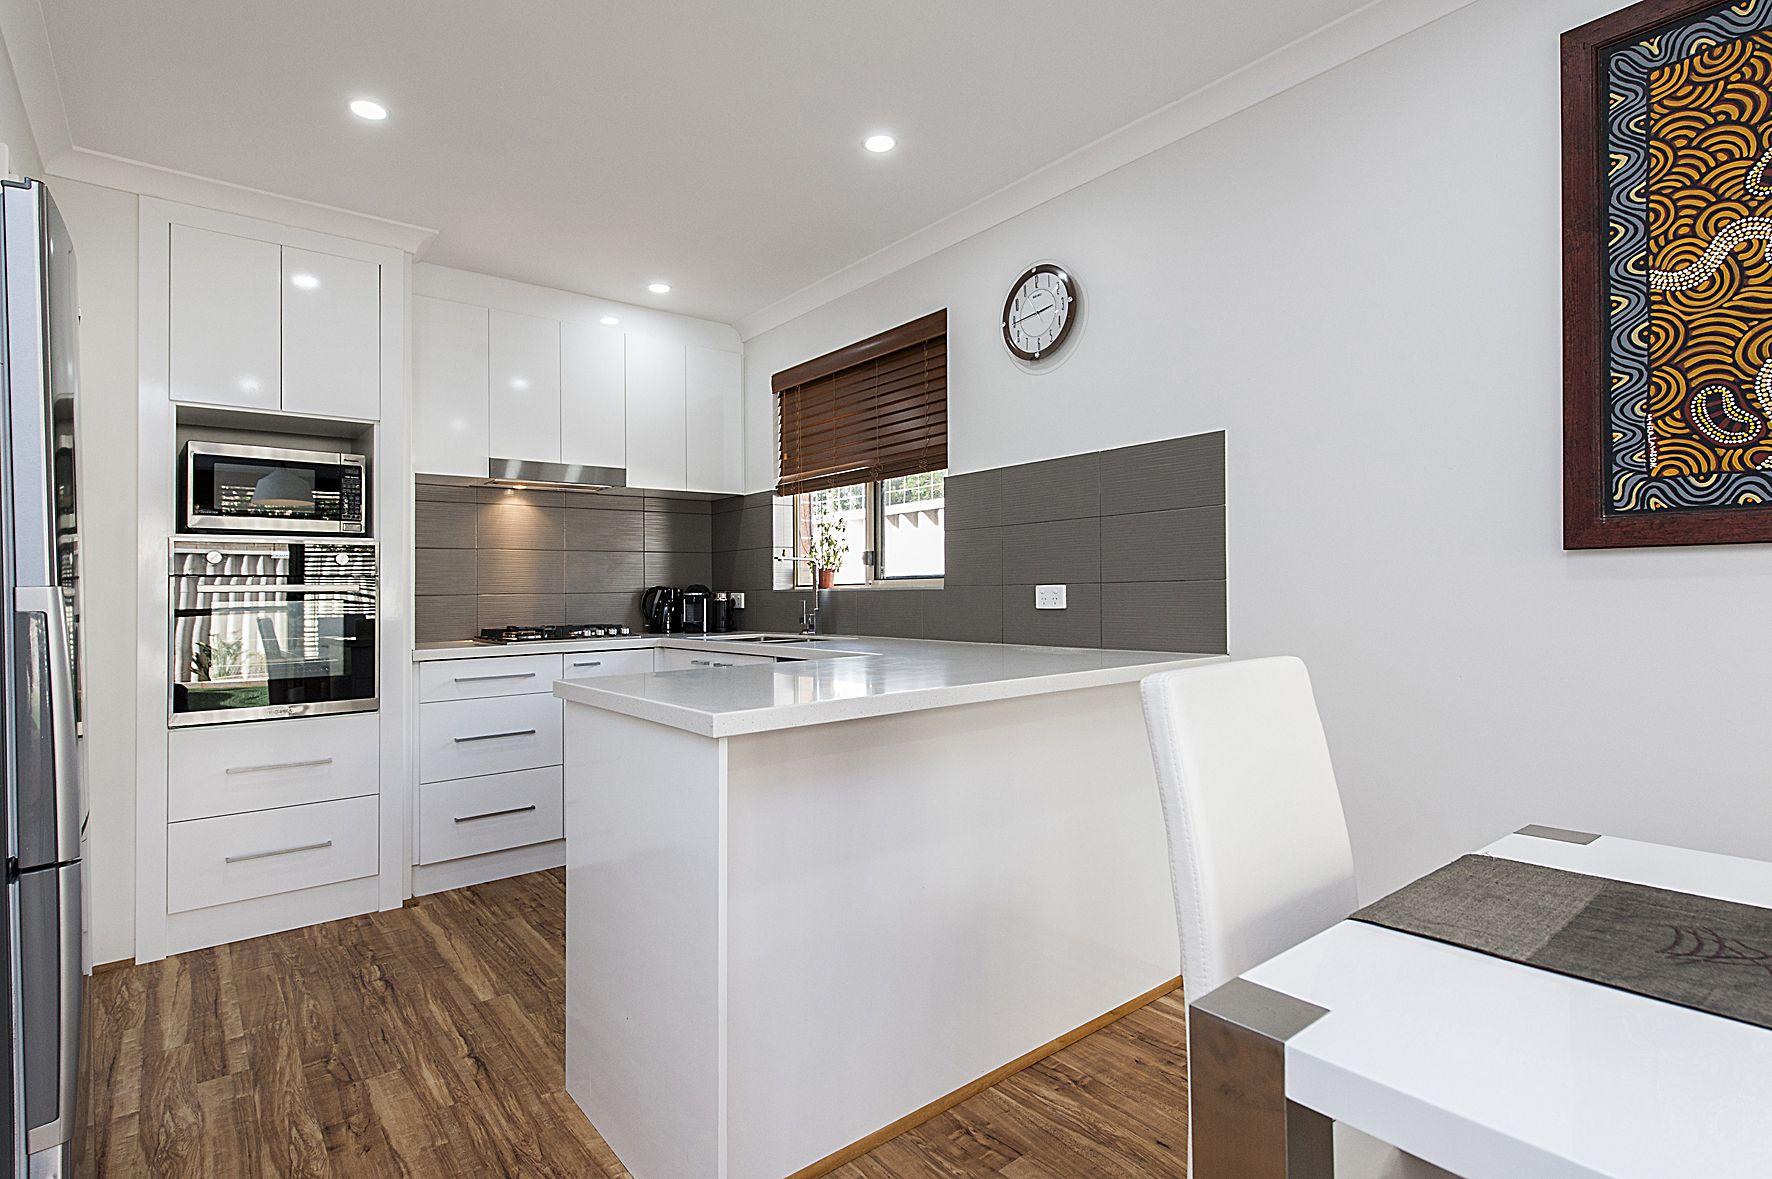 Best Kitchen Designers Perth Kitchen Design Perth Amboy Nj Kitchen ...